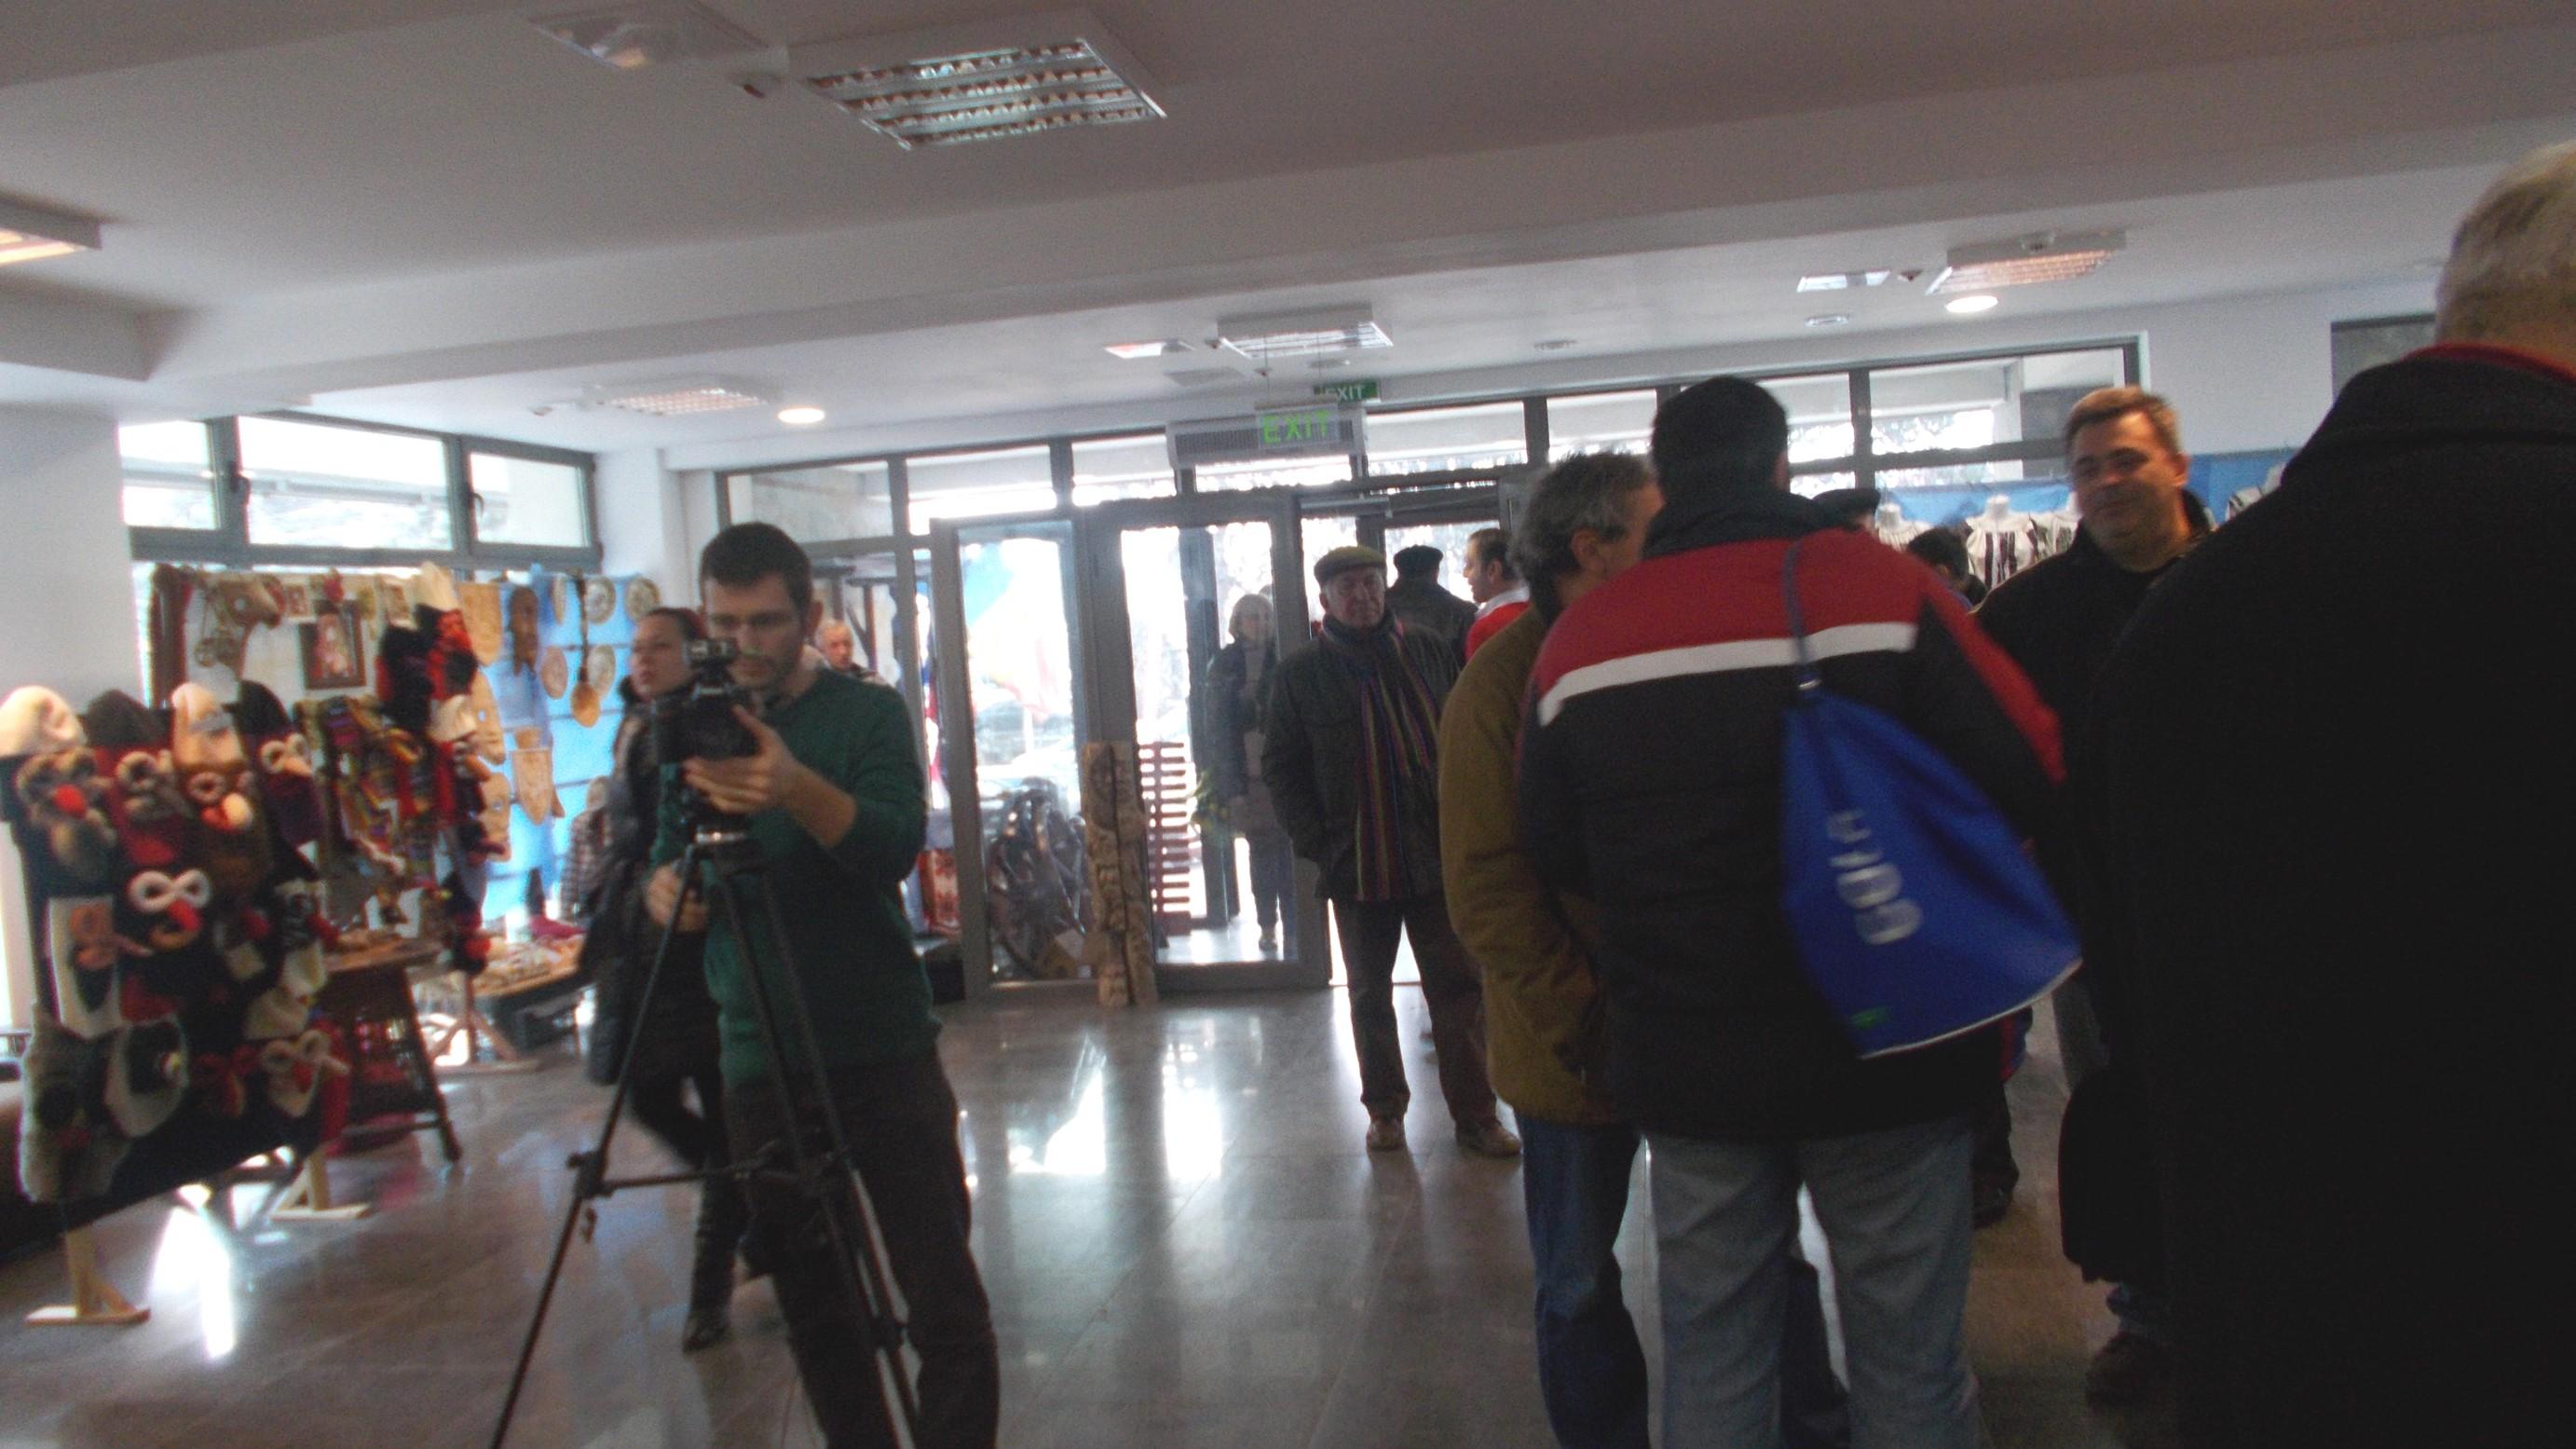 În public, Gabi Sandu filmează, iar BOA se întreţine cu umoriştii